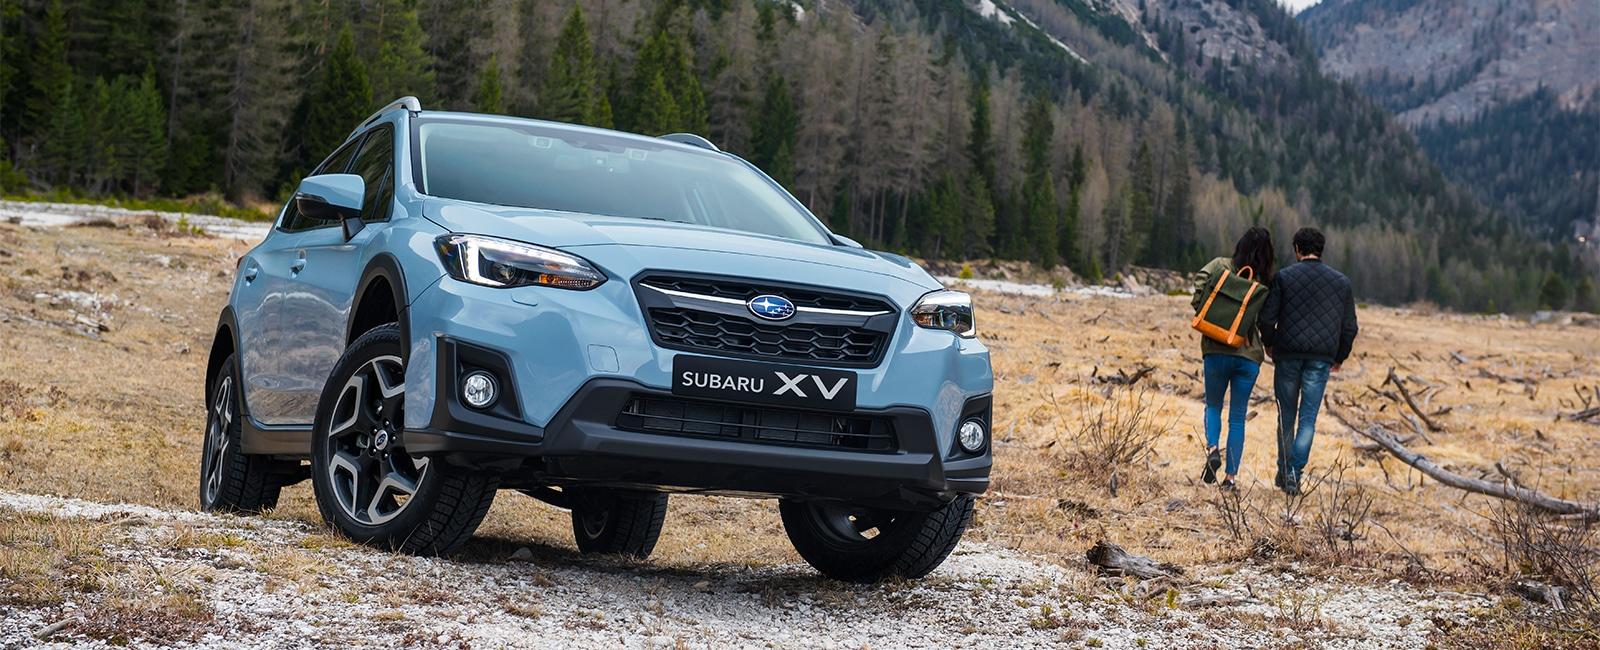 Subaru XV på fjellet med par